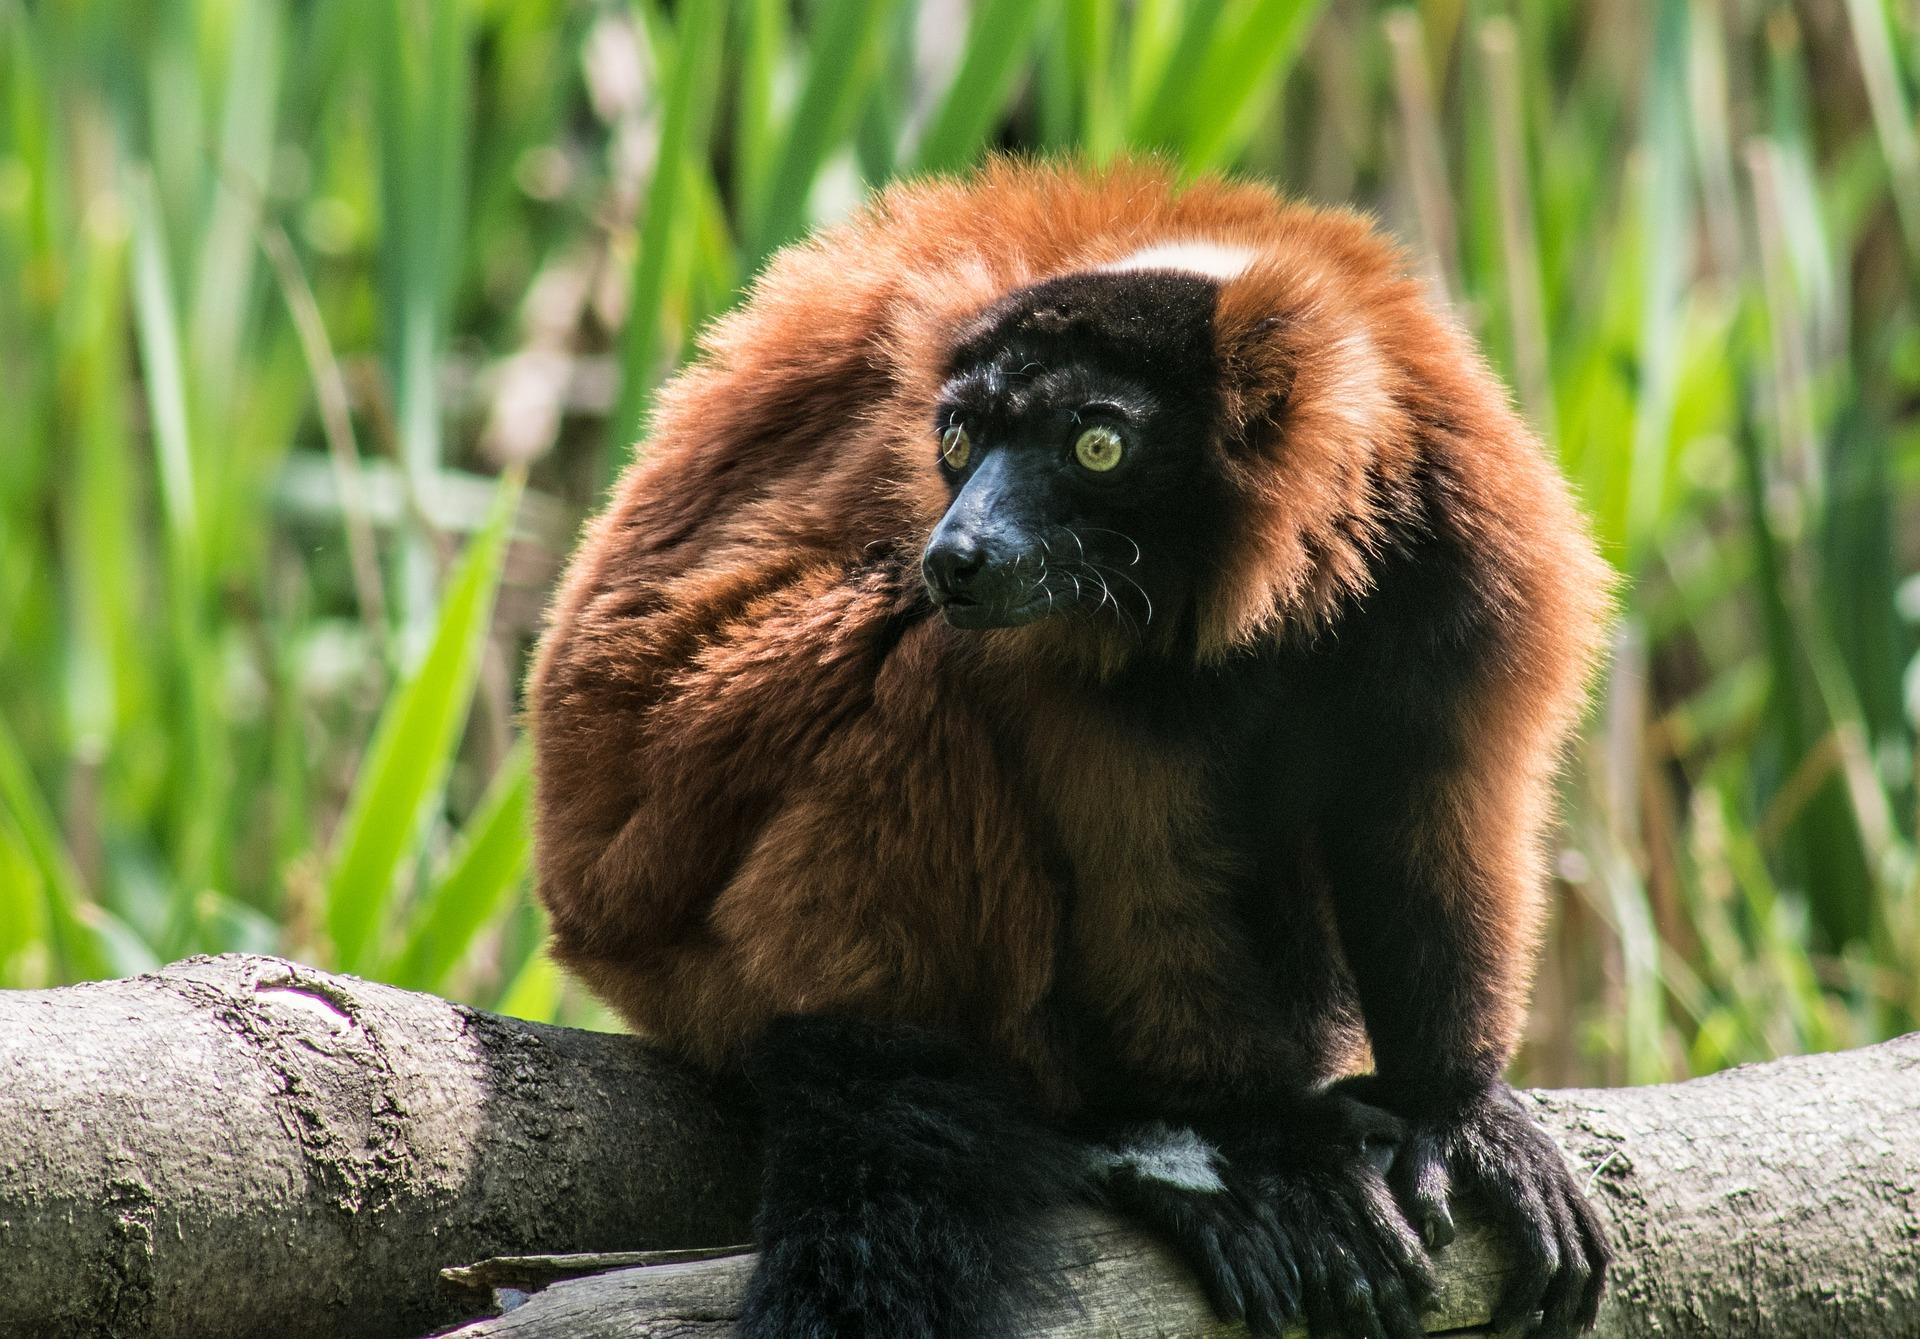 big-brown-lemur-4172870_1920